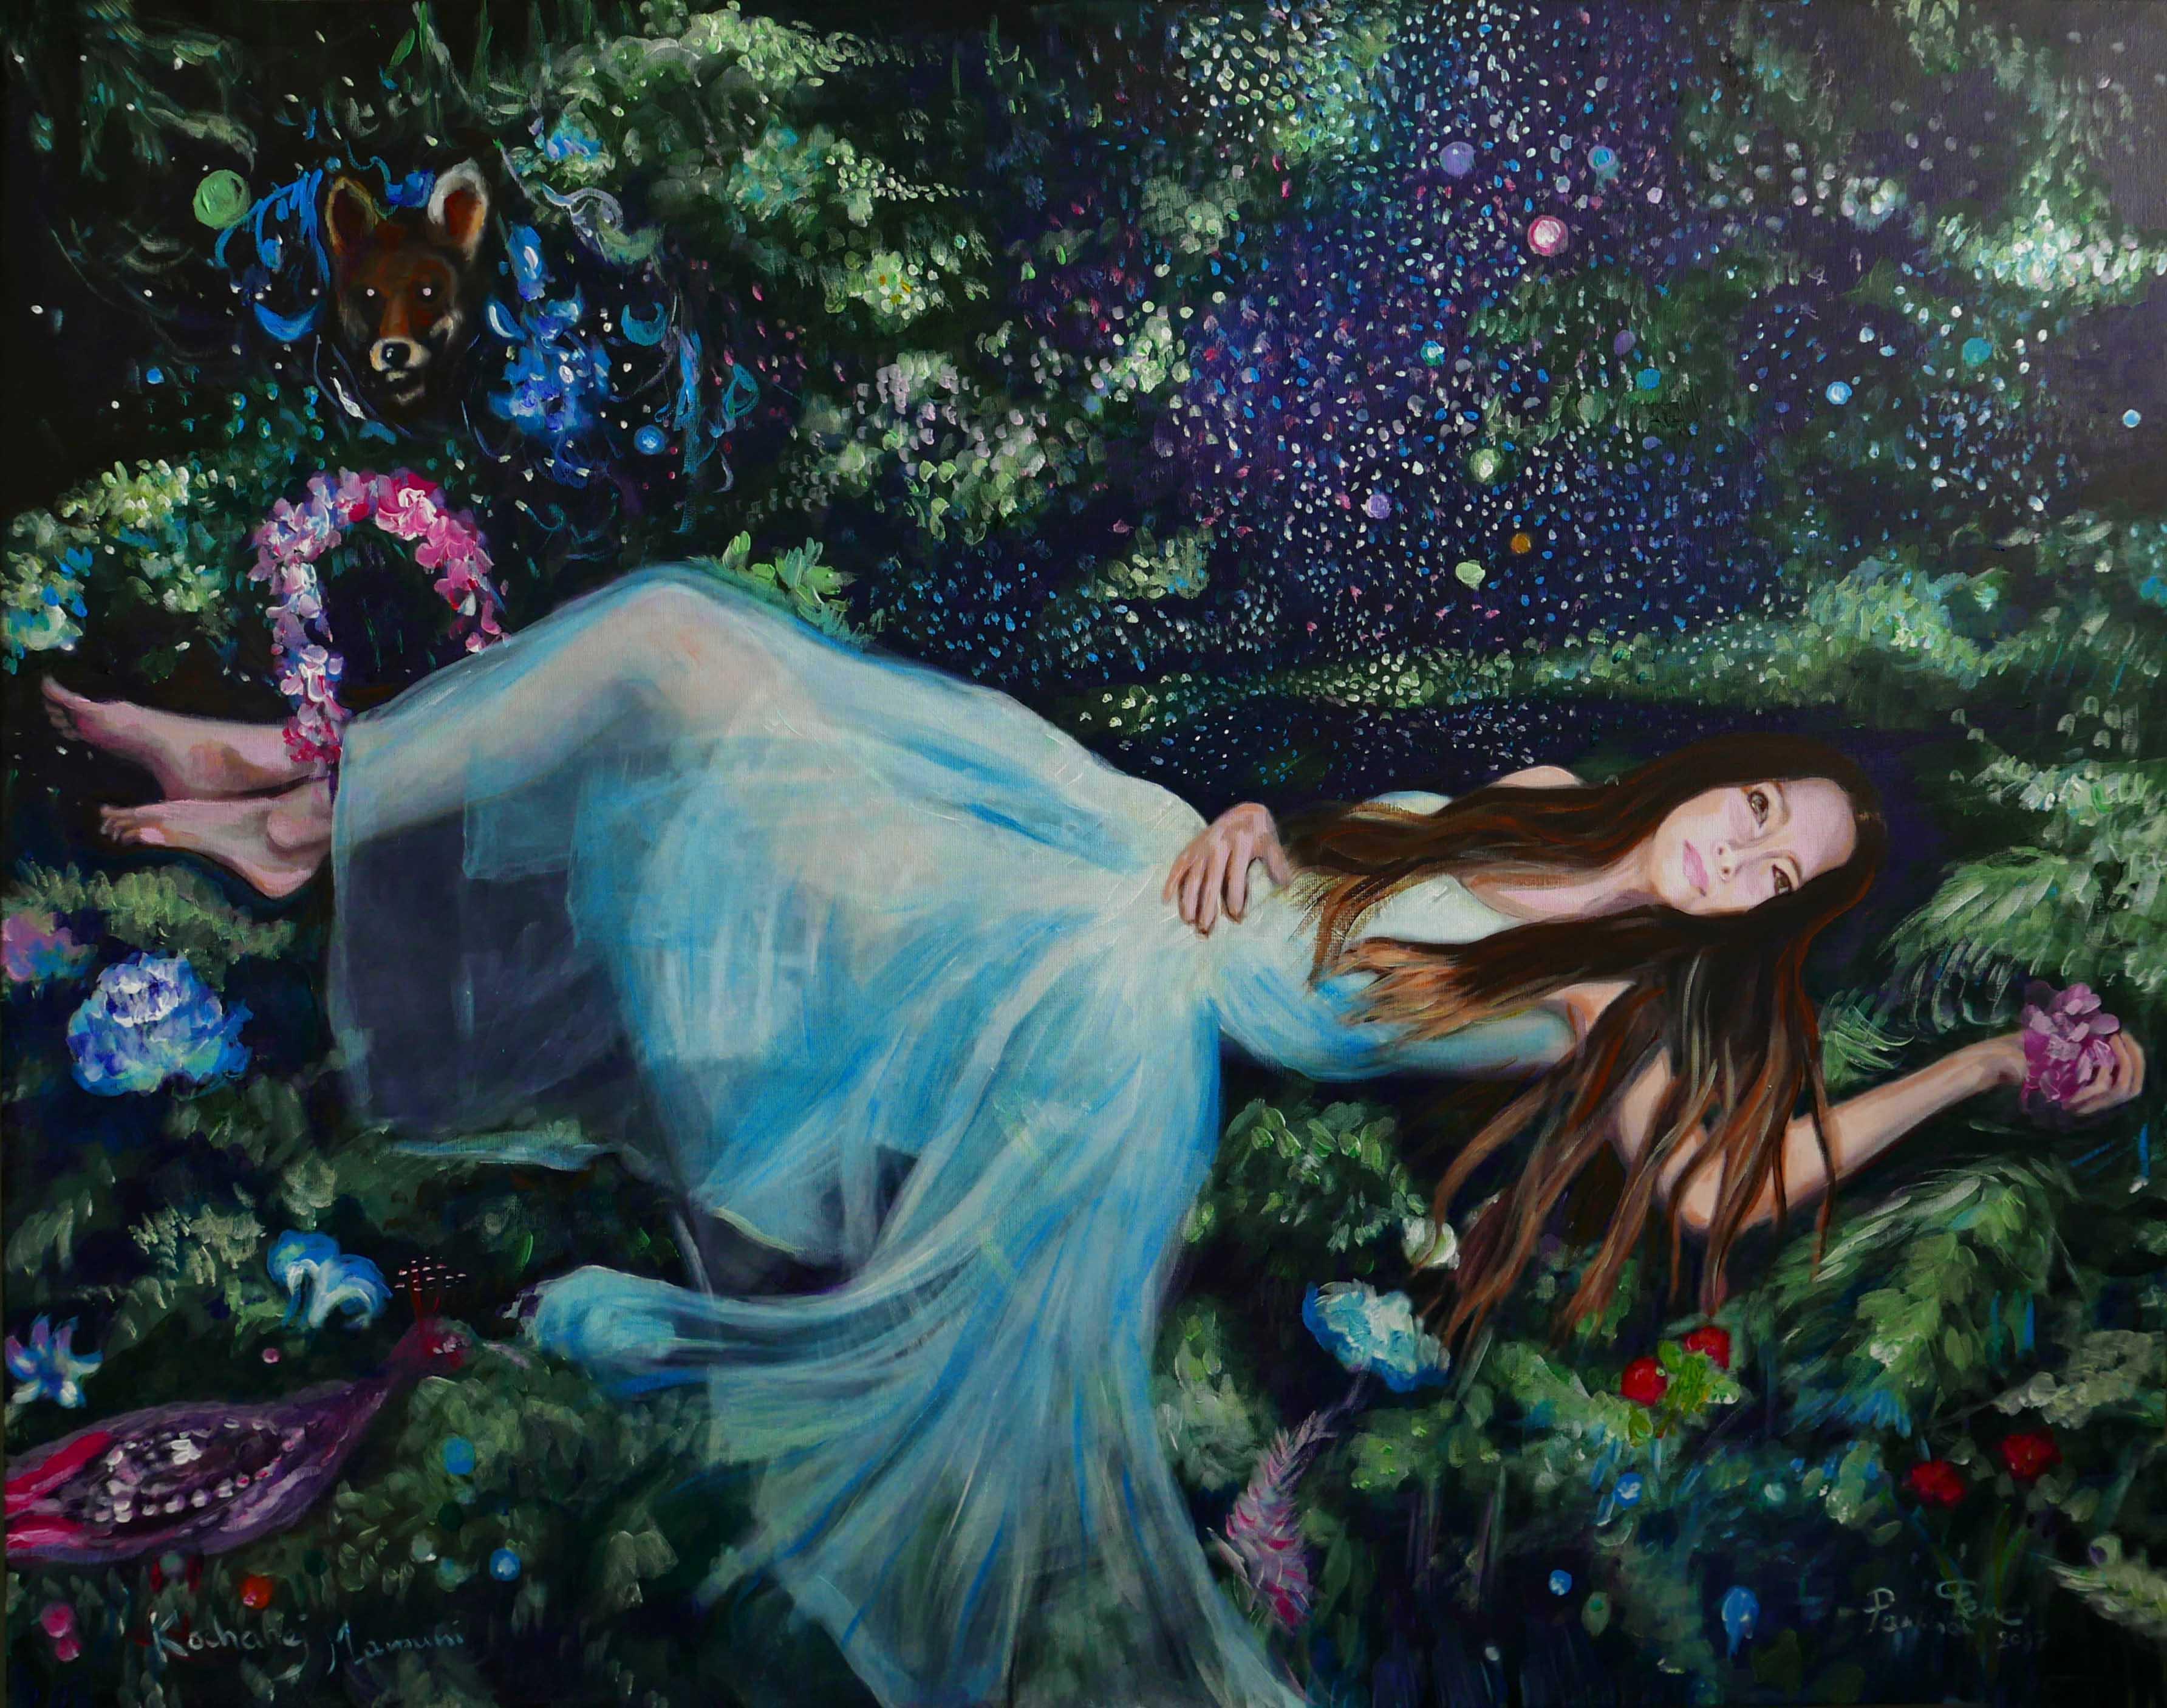 Fox incantation, 92 73 cm, acrylic on canvas, 2017